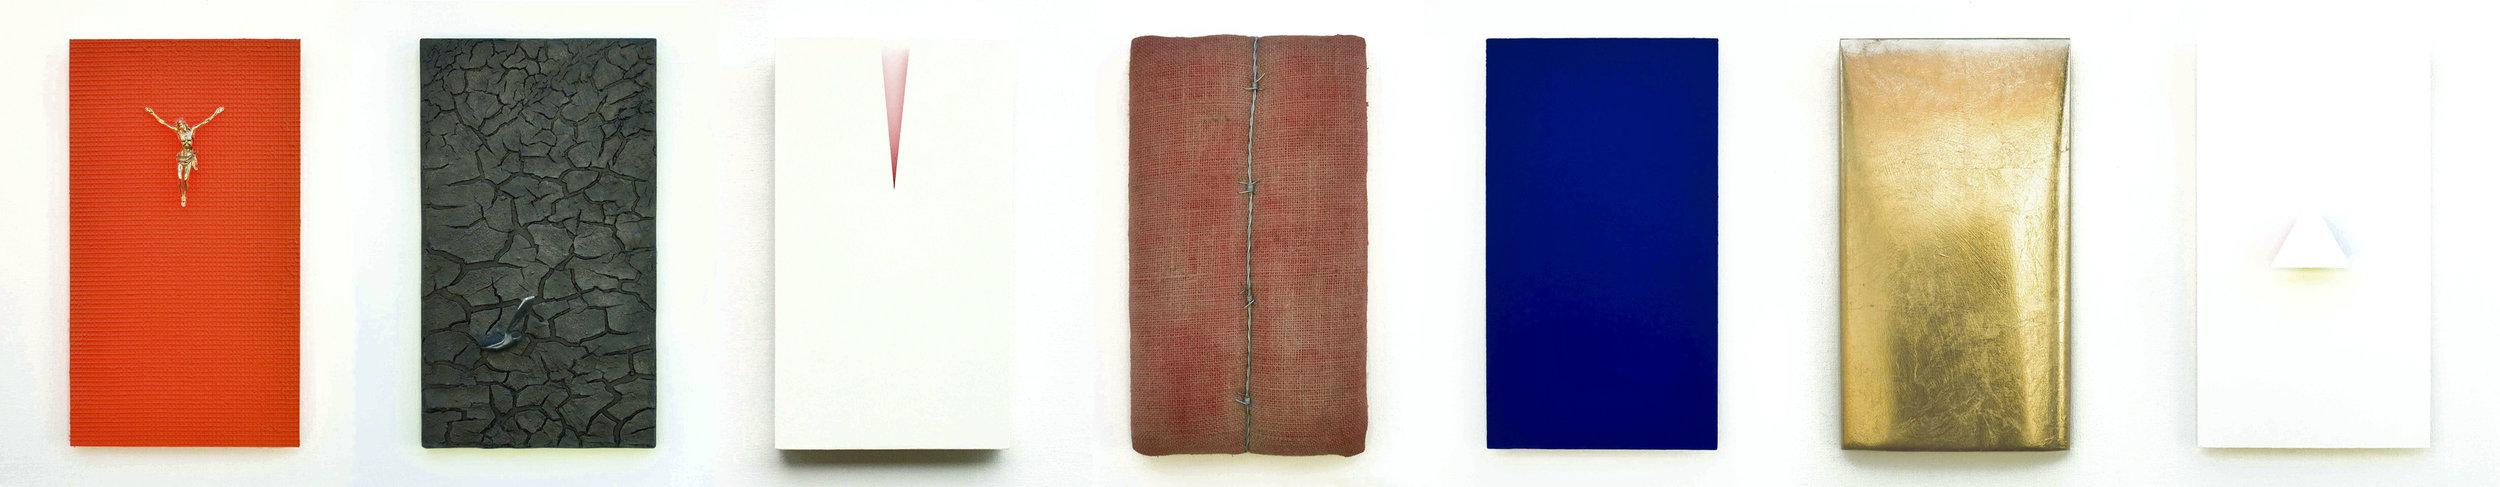 f6 sedemkrat 42 x 23 cm, 2005.jpg